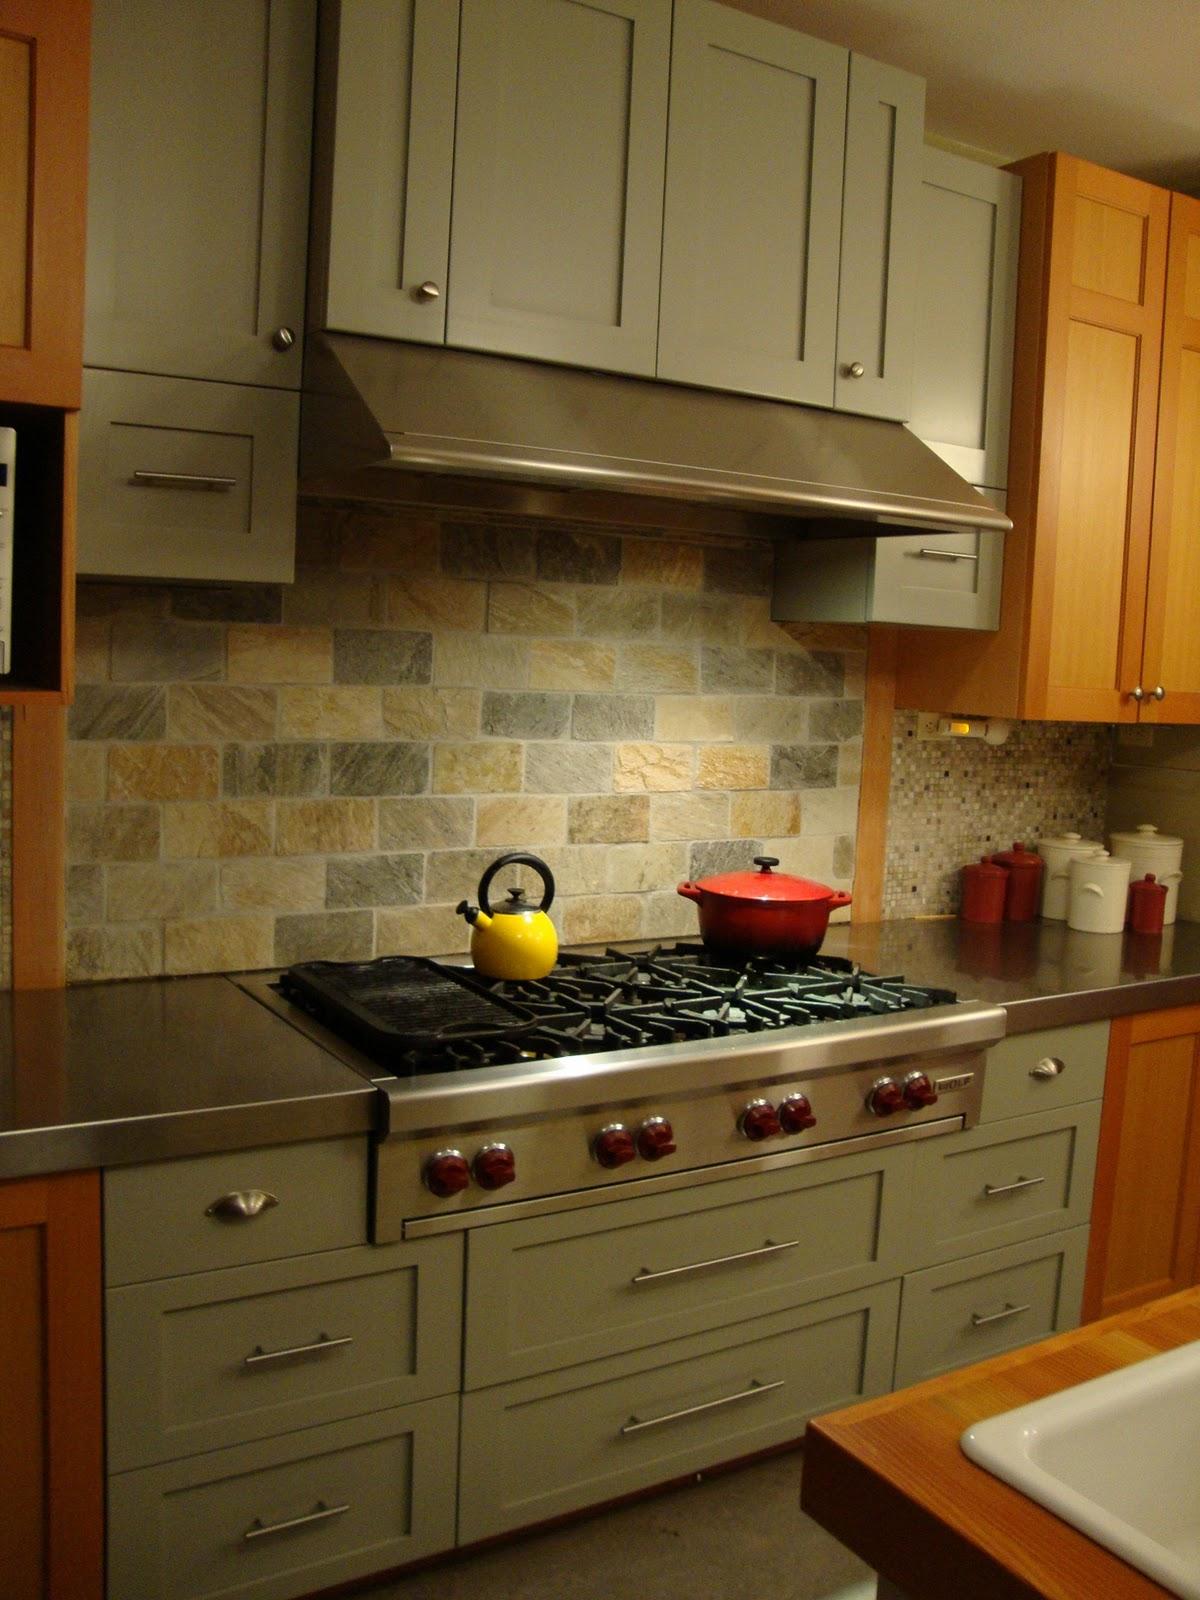 Rhome410 My Kitchen